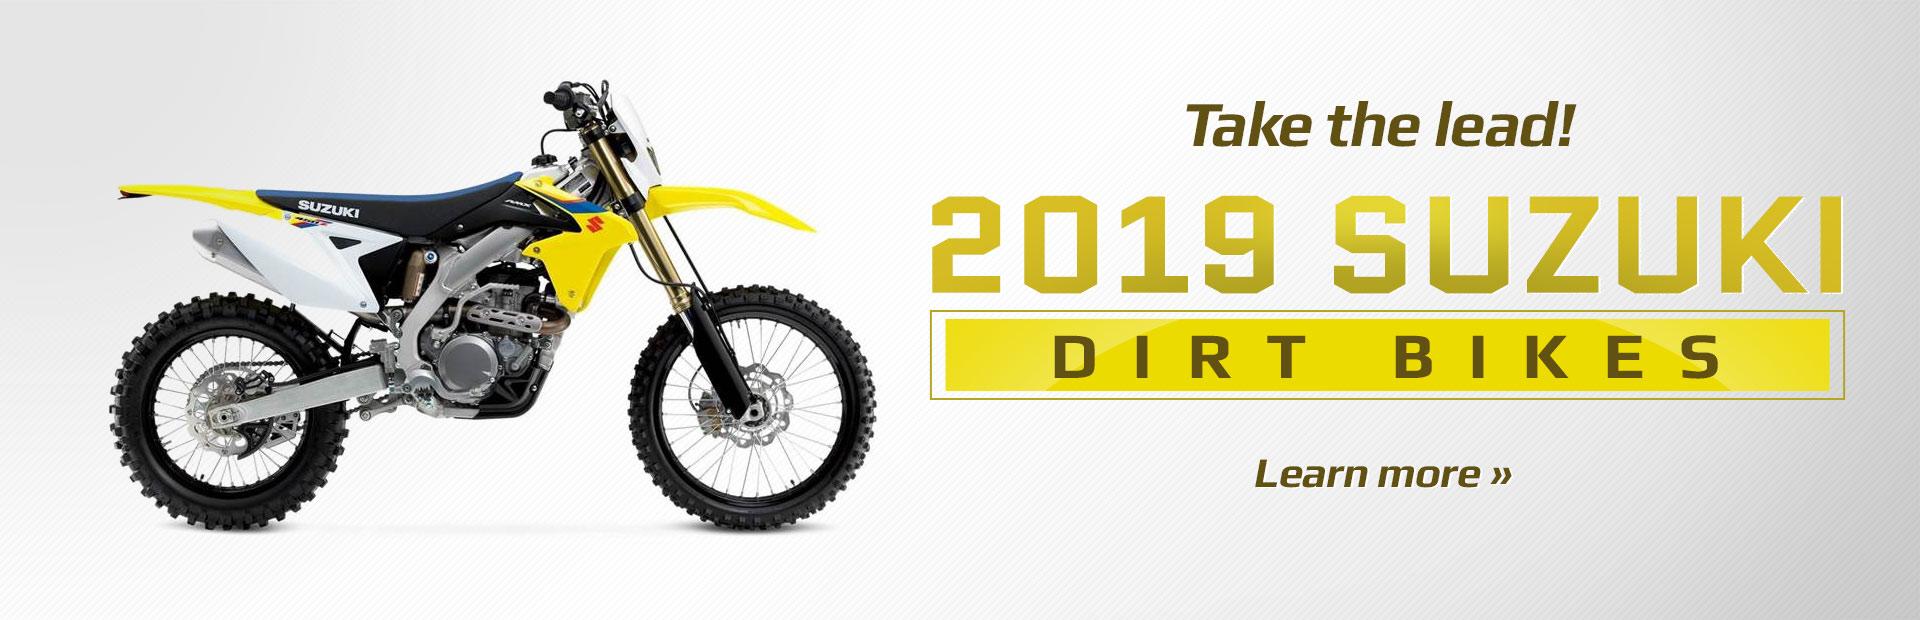 cea59684e22 2019 Suzuki Dirt Bikes. Learn More.